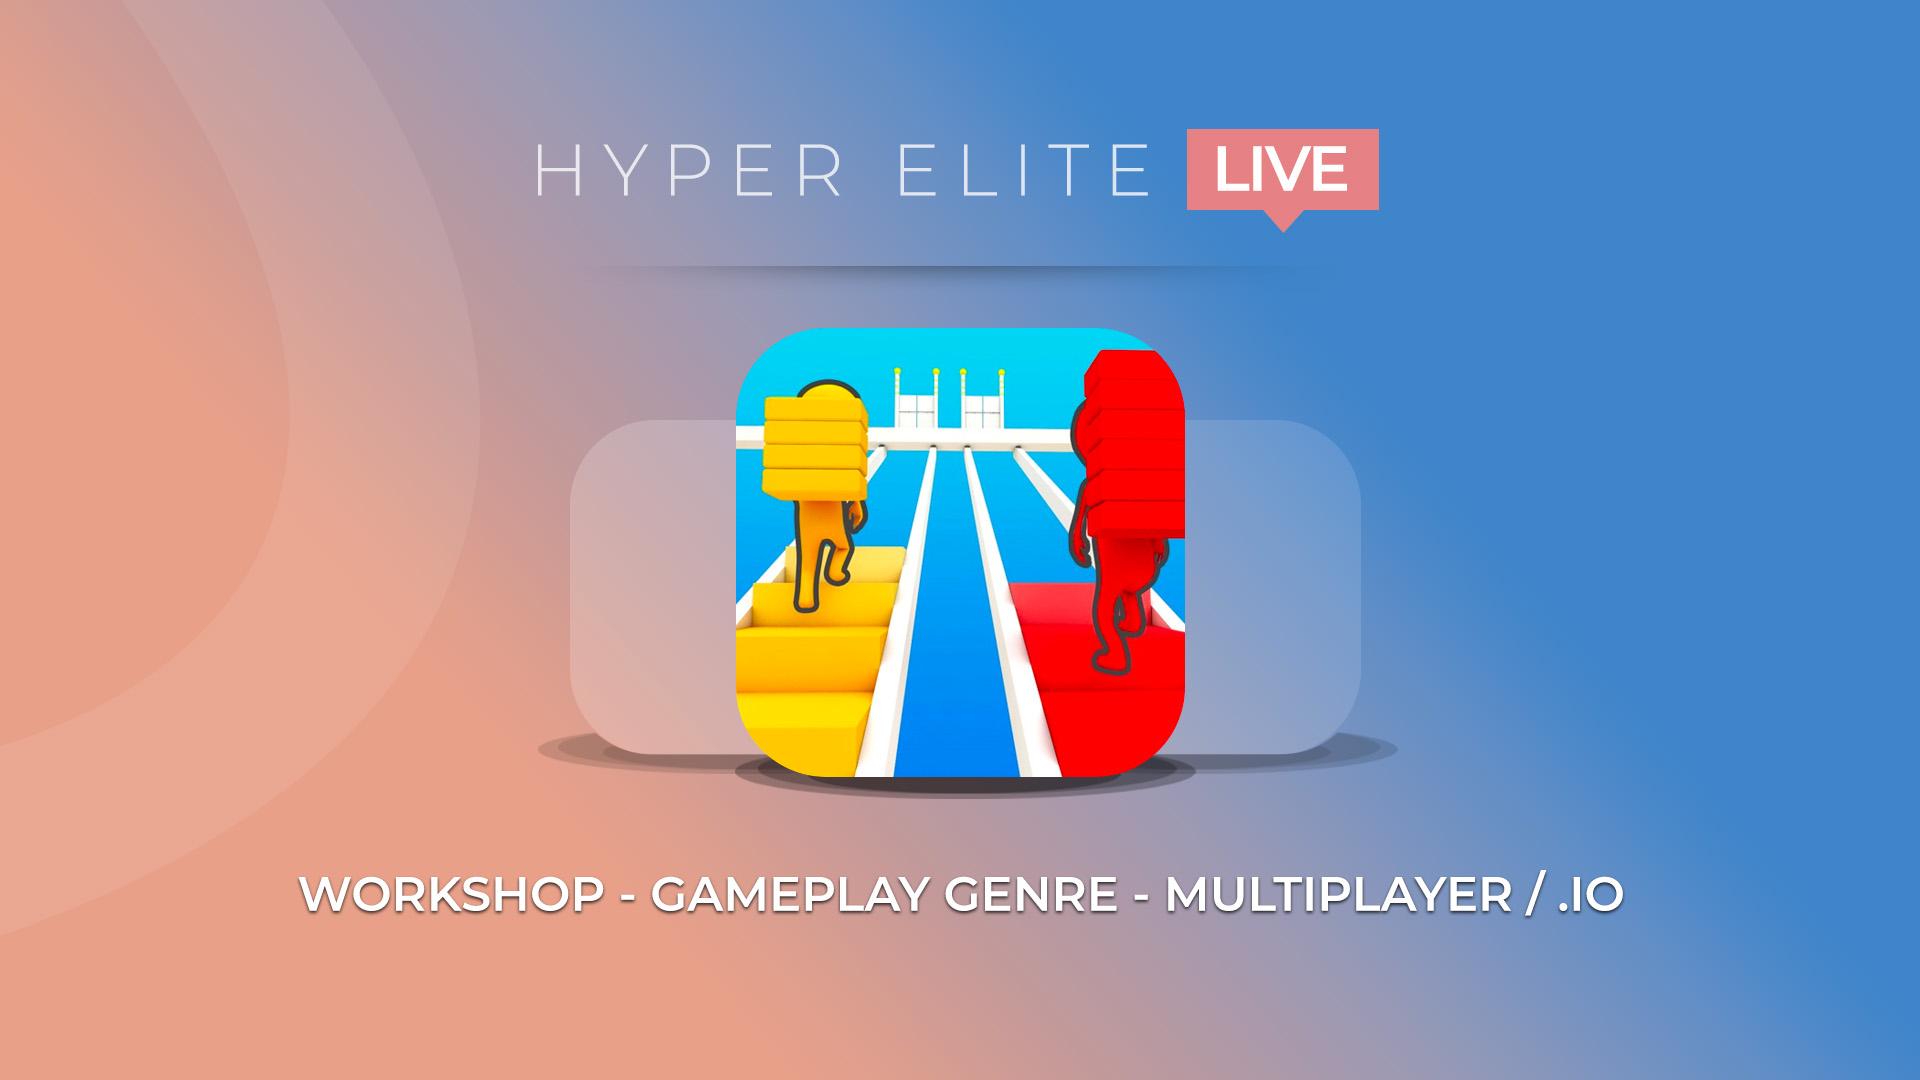 Hyper Elite Live Workshop - Gameplay Genre - Multiplayer